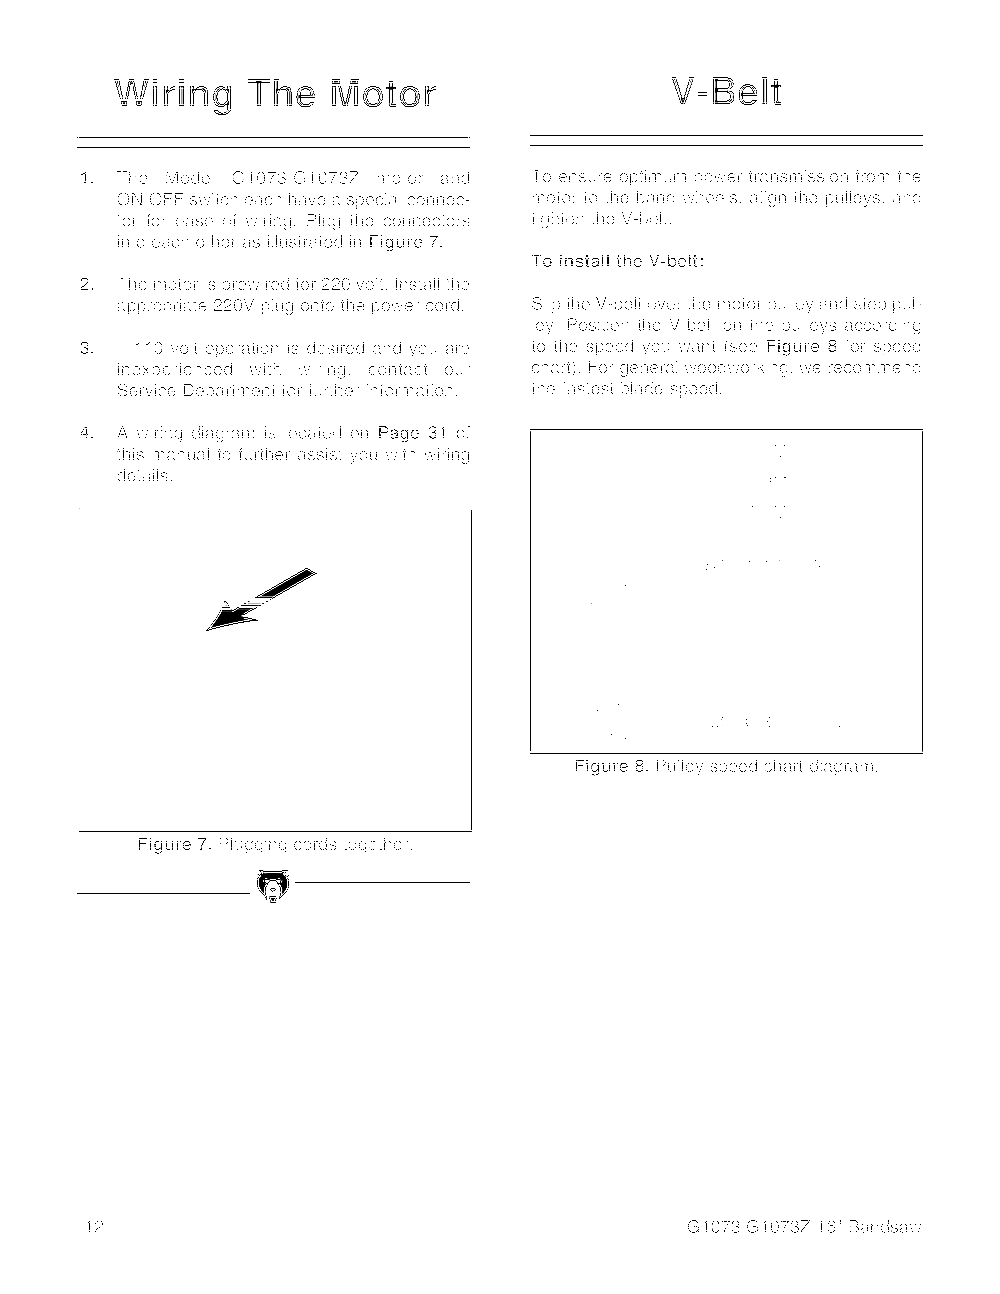 Amusing 220 Welder Wiring Diagram Contemporary - Schematic symbol ...